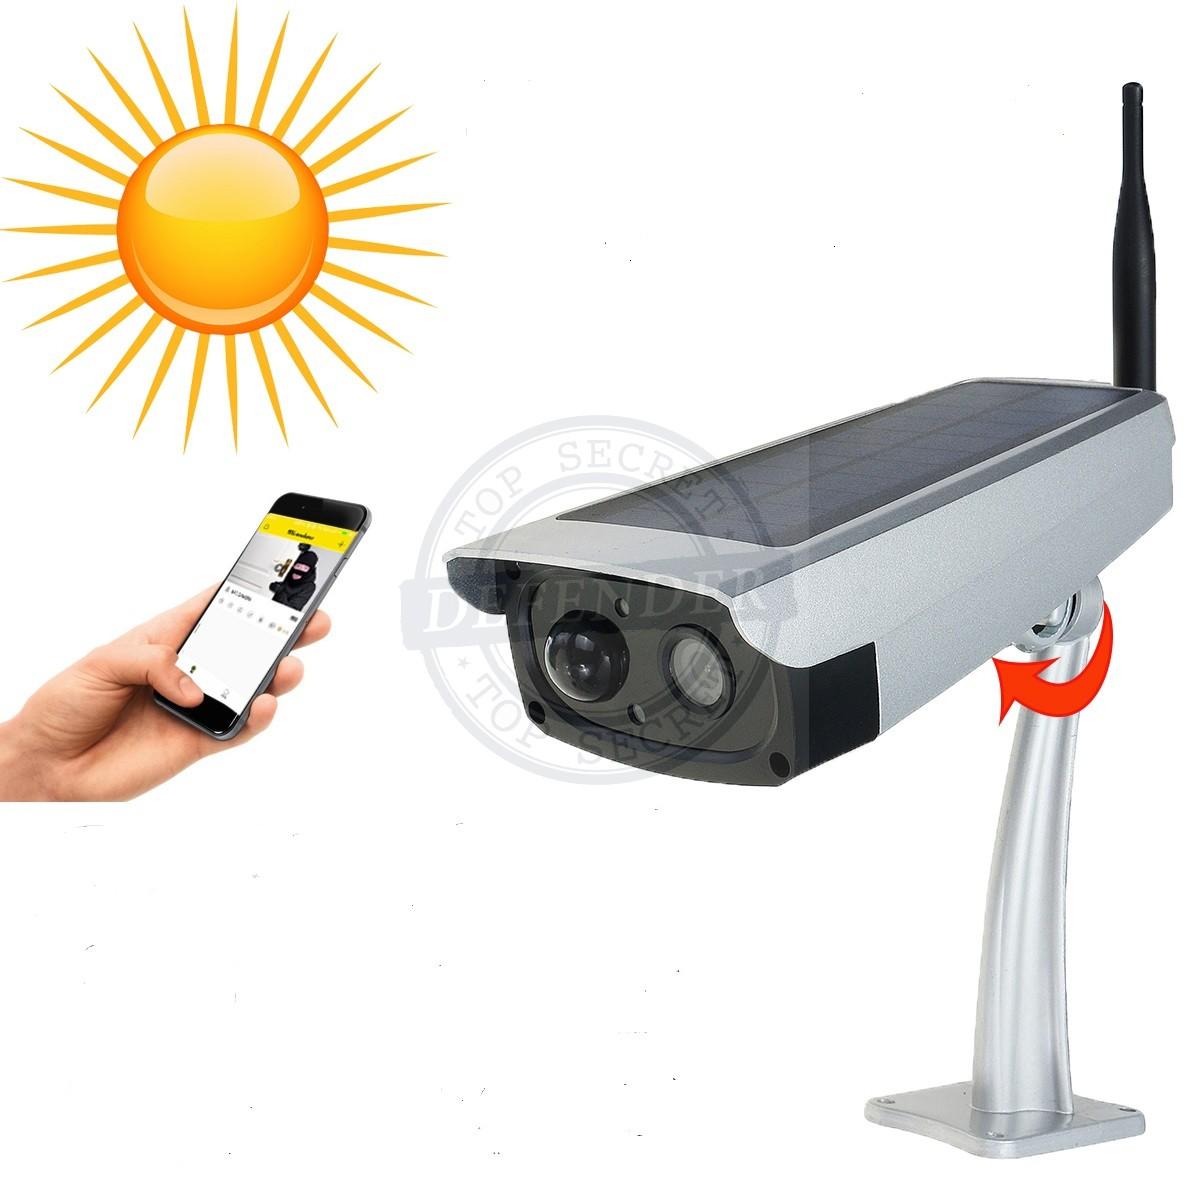 מצלמת אבטחה אלחוטית סולרית ללא צורך בחשמל  SVR707